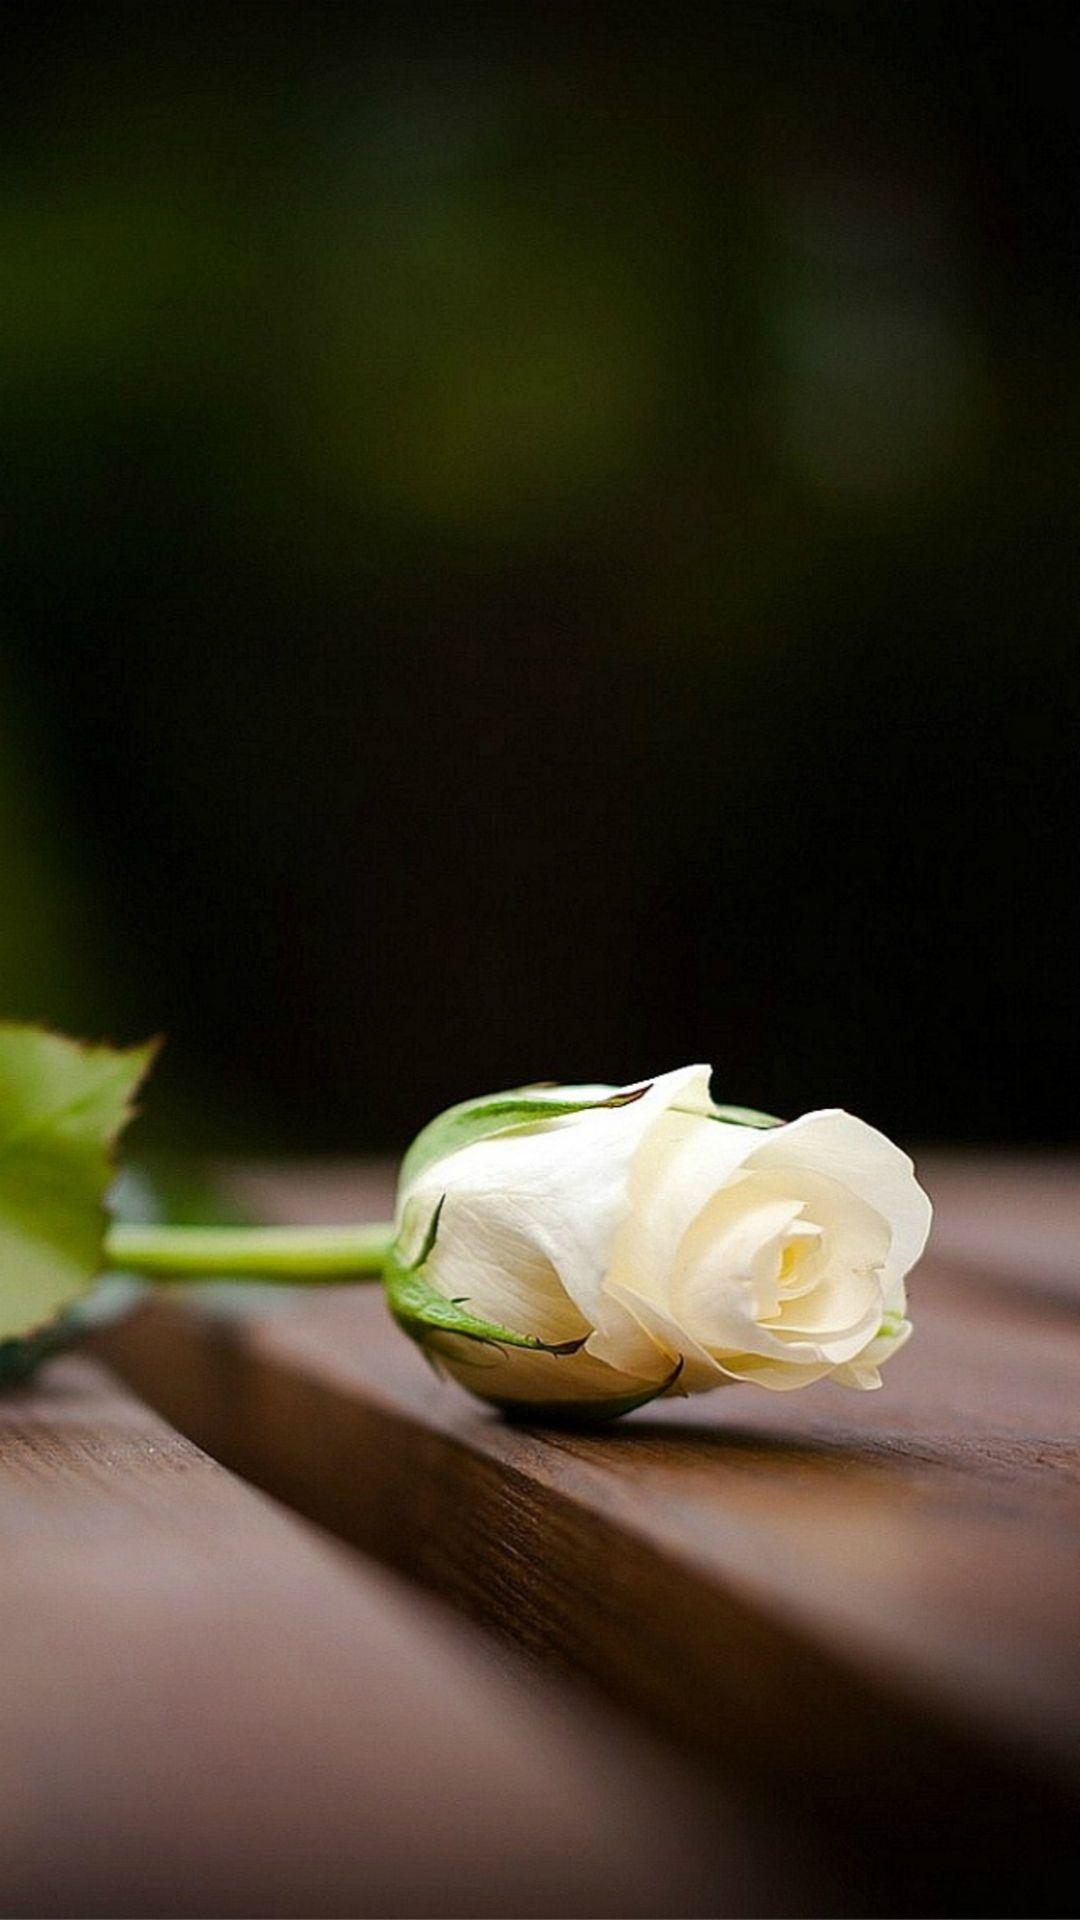 black background white rose